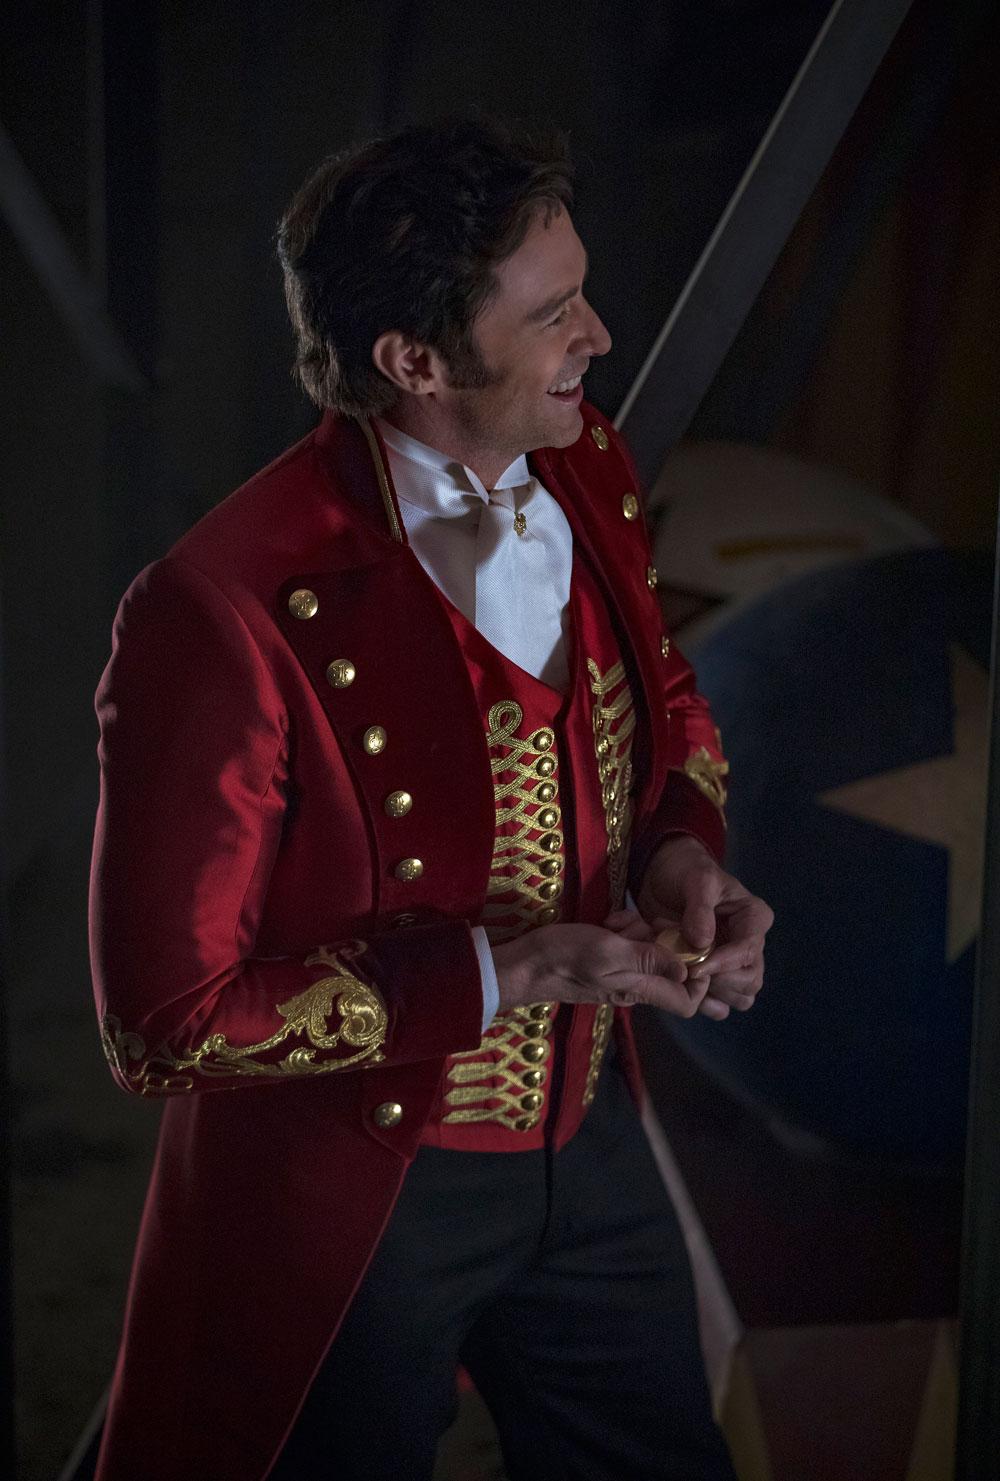 Hugh Jackman con reloj Minerva de Montblanc en la película The greatest showman